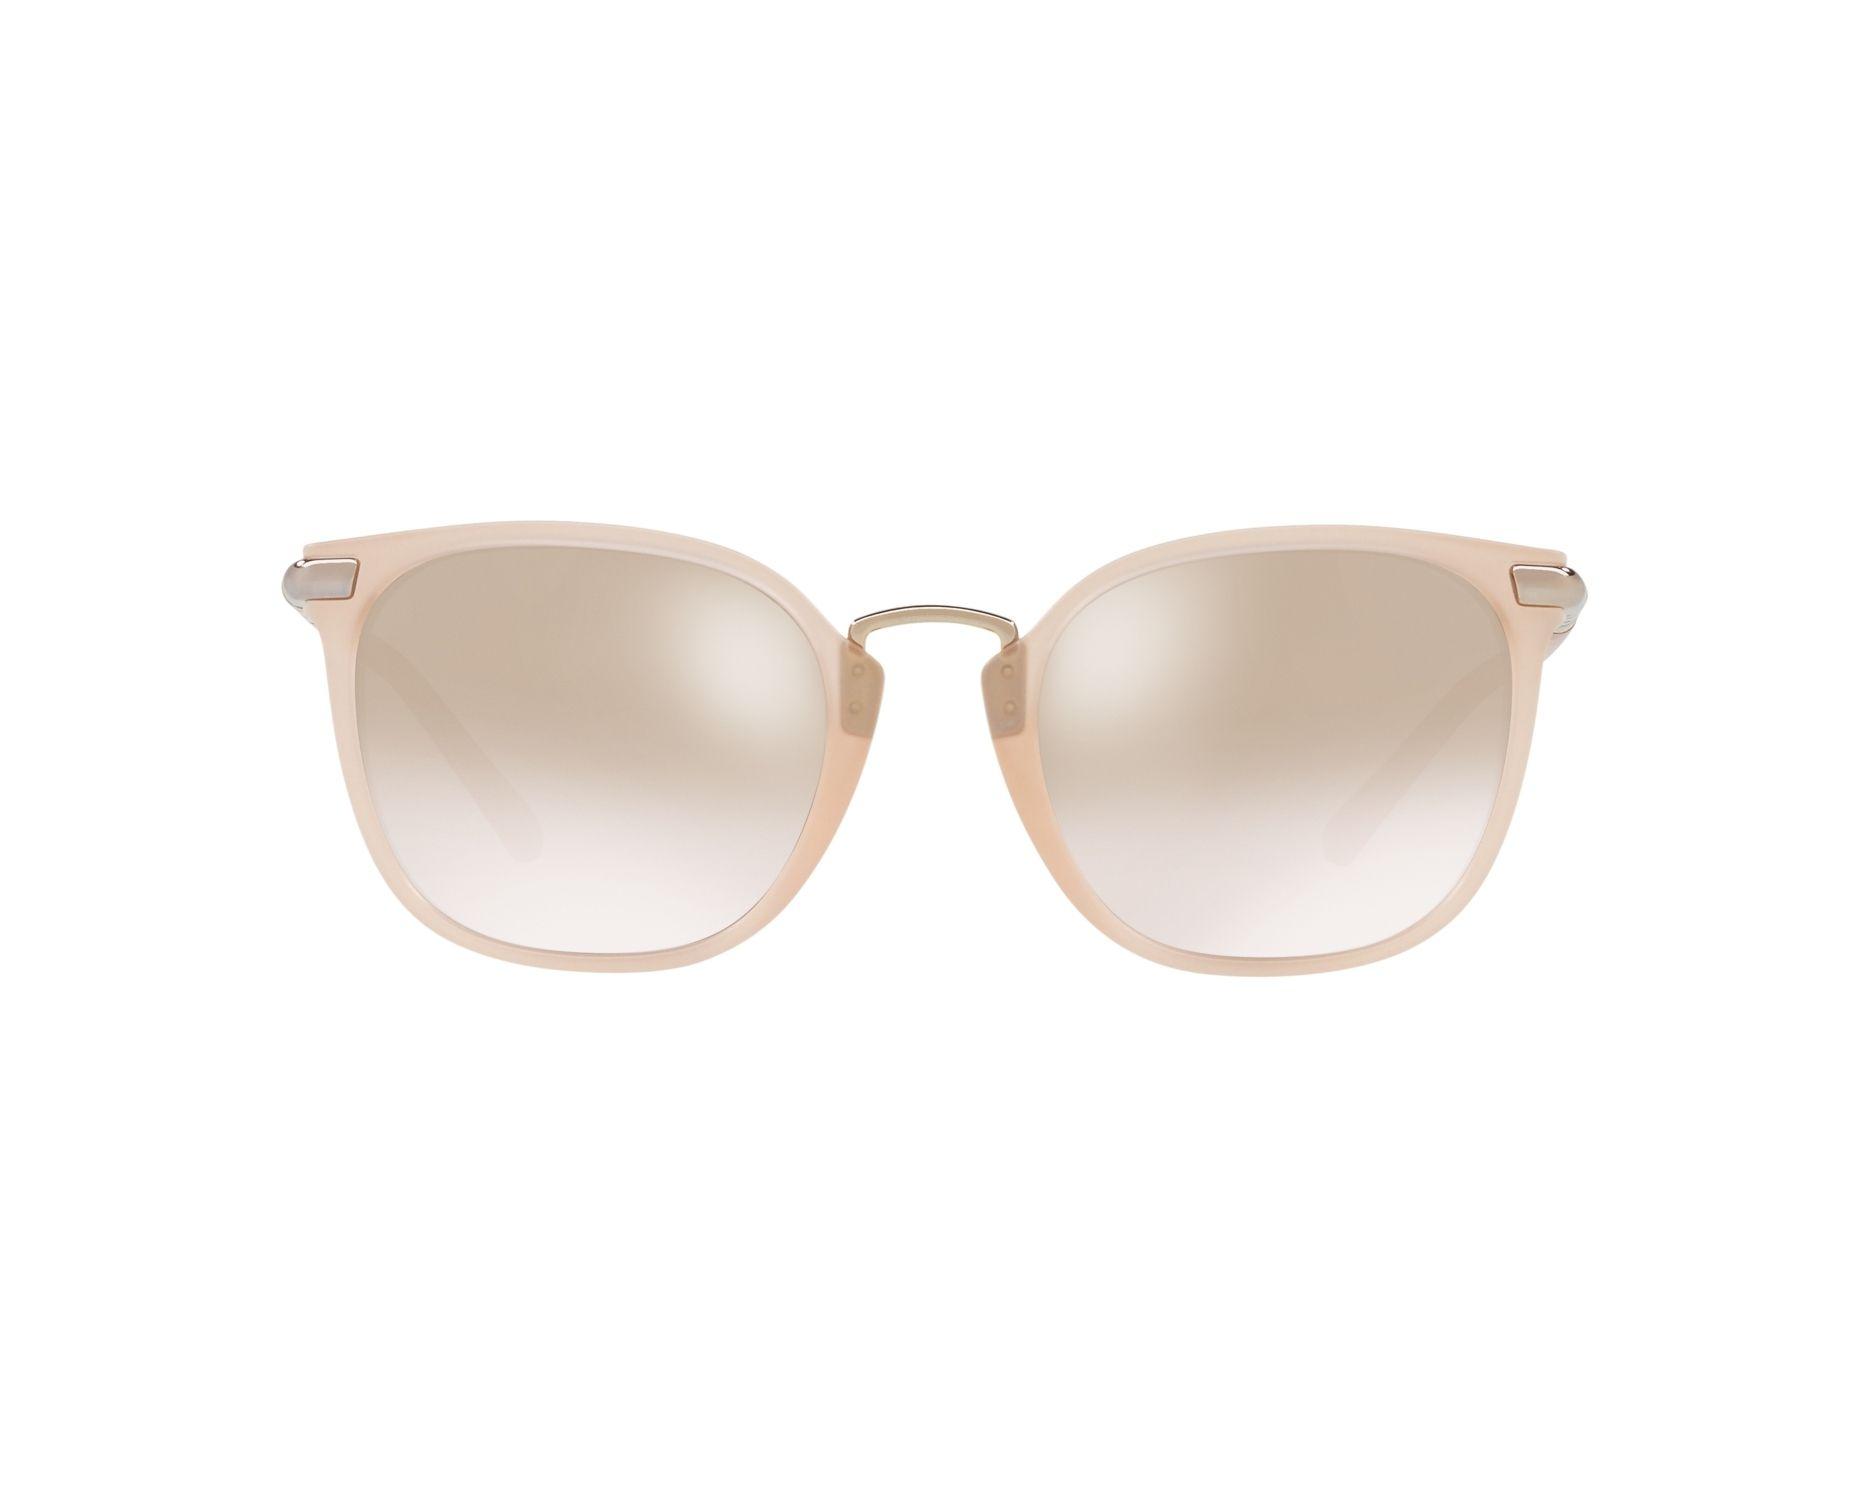 461c69ac1e Sunglasses Burberry BE-4262 36427l 53-21 Rosa Gold Copper 360 degree view 1